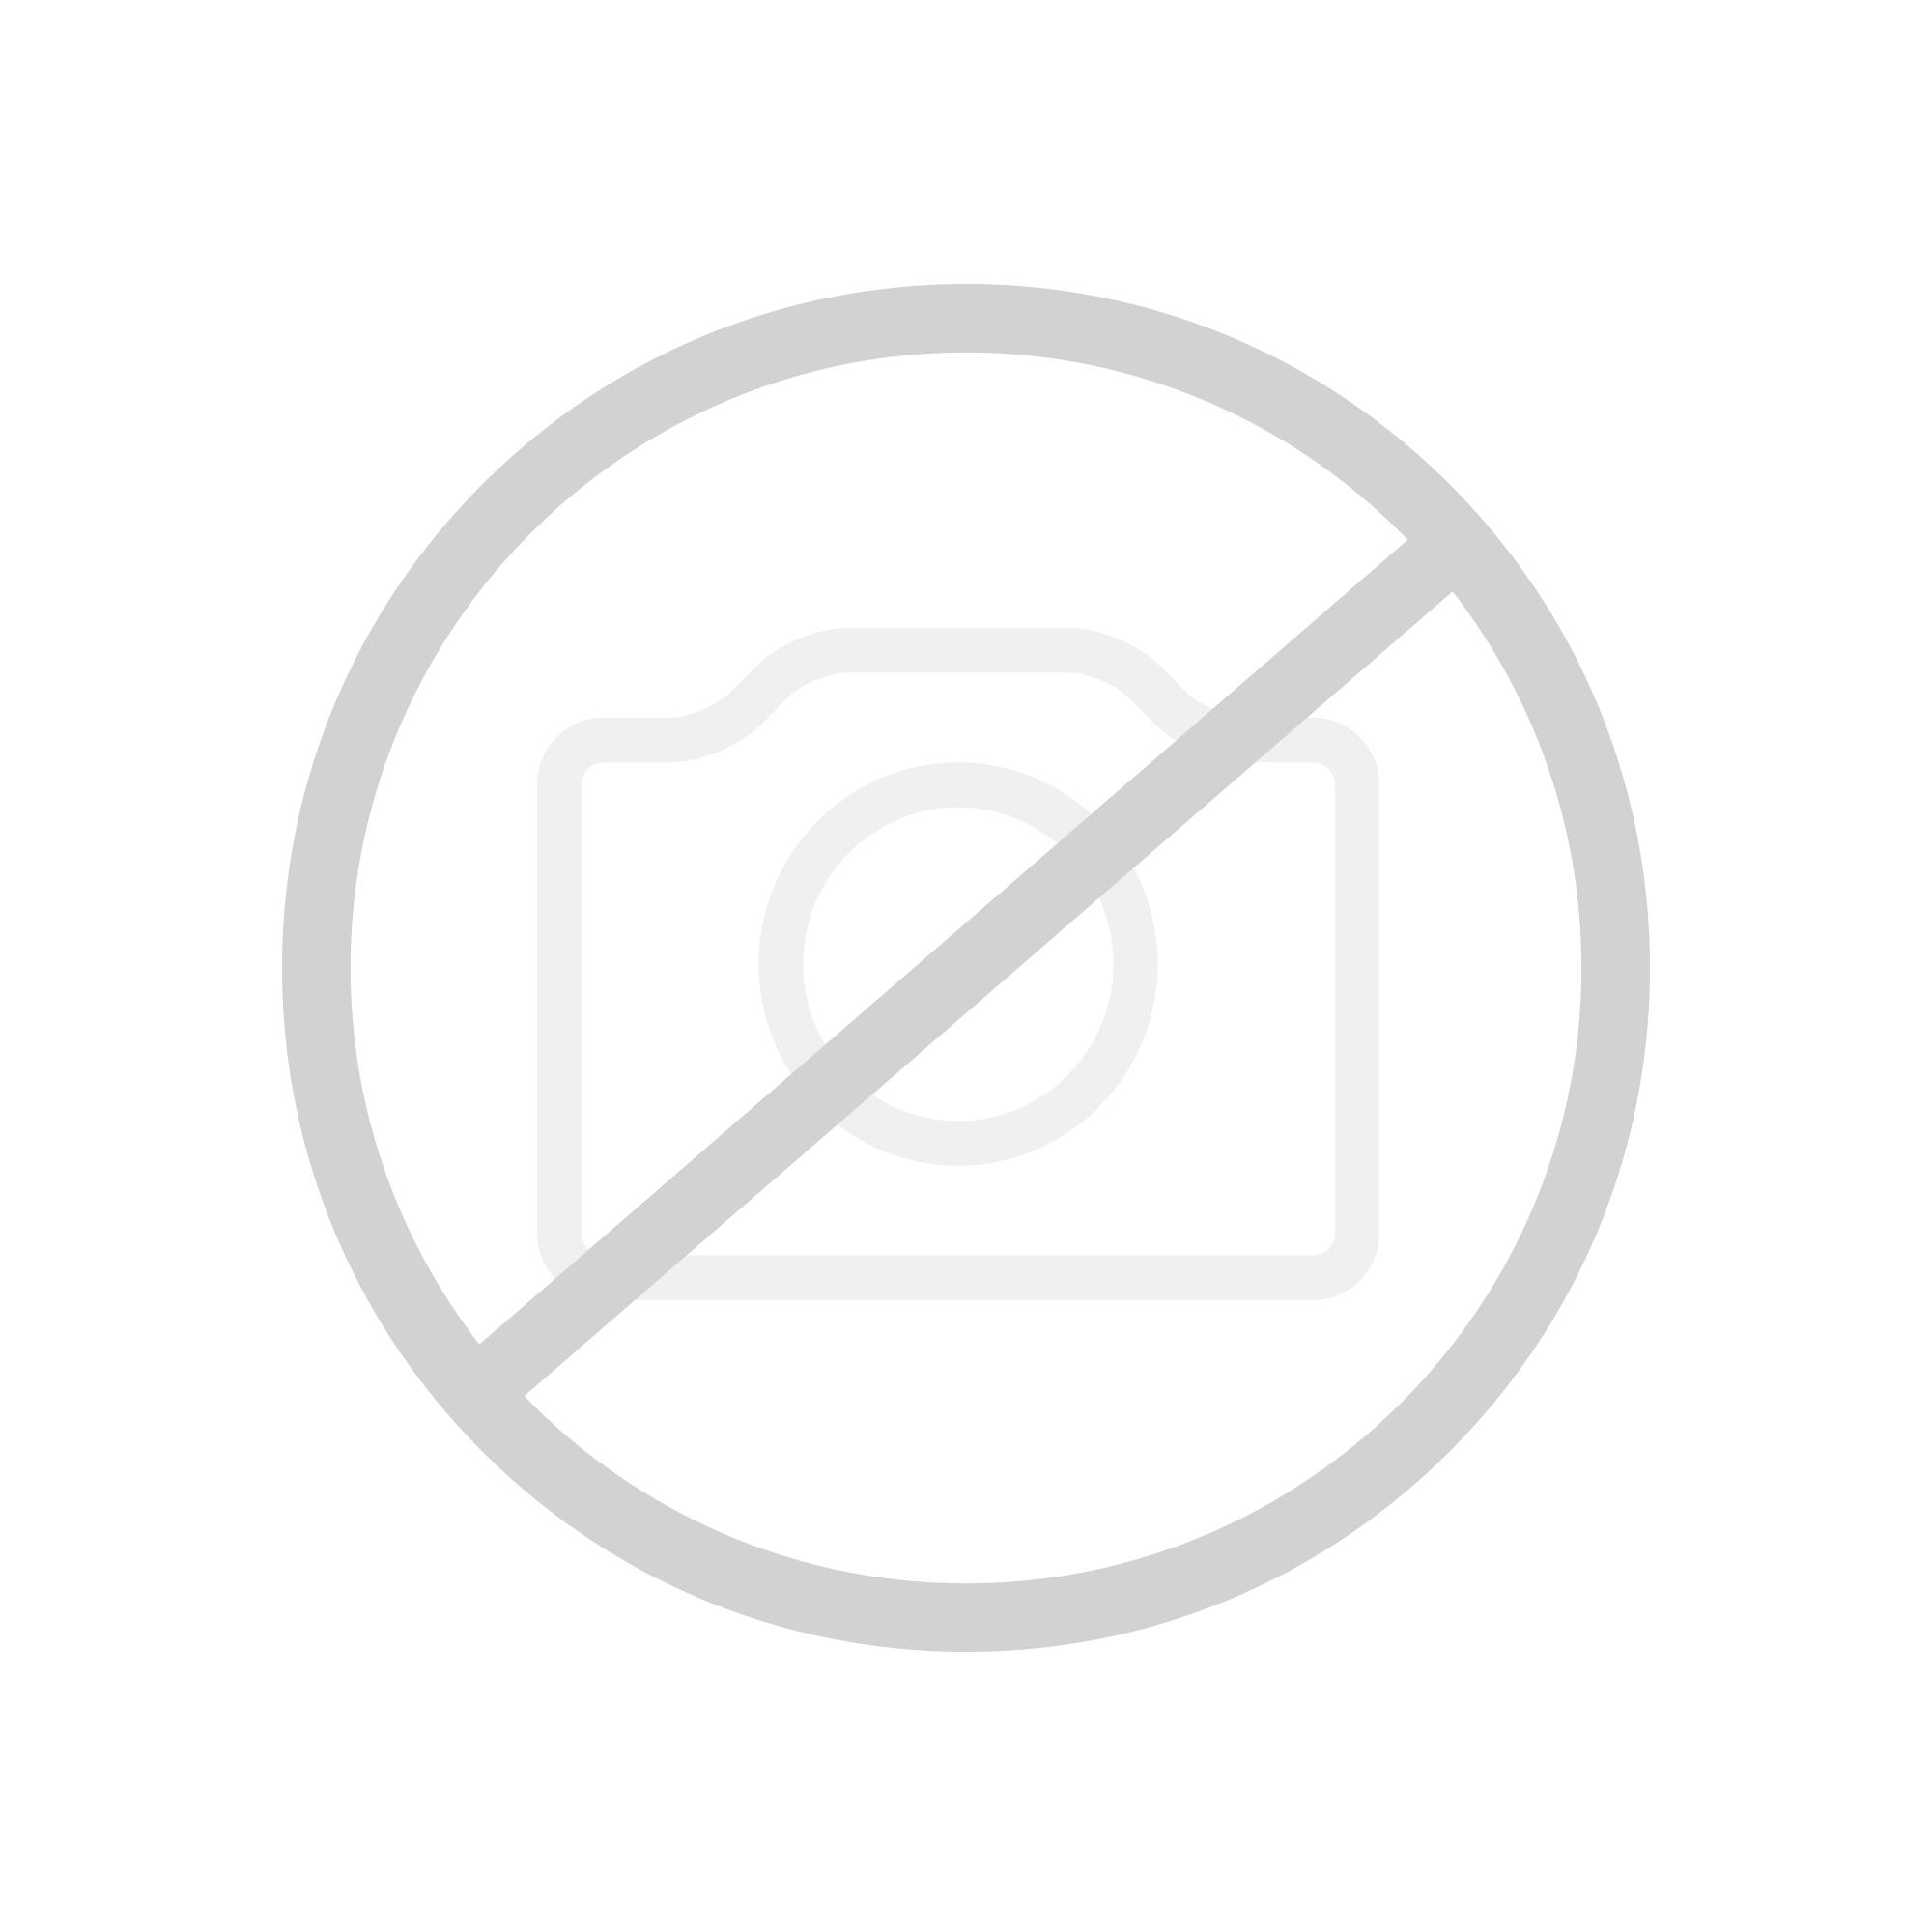 Keuco Edition 11 Schlauchanschluss mit Wandbrausehalter